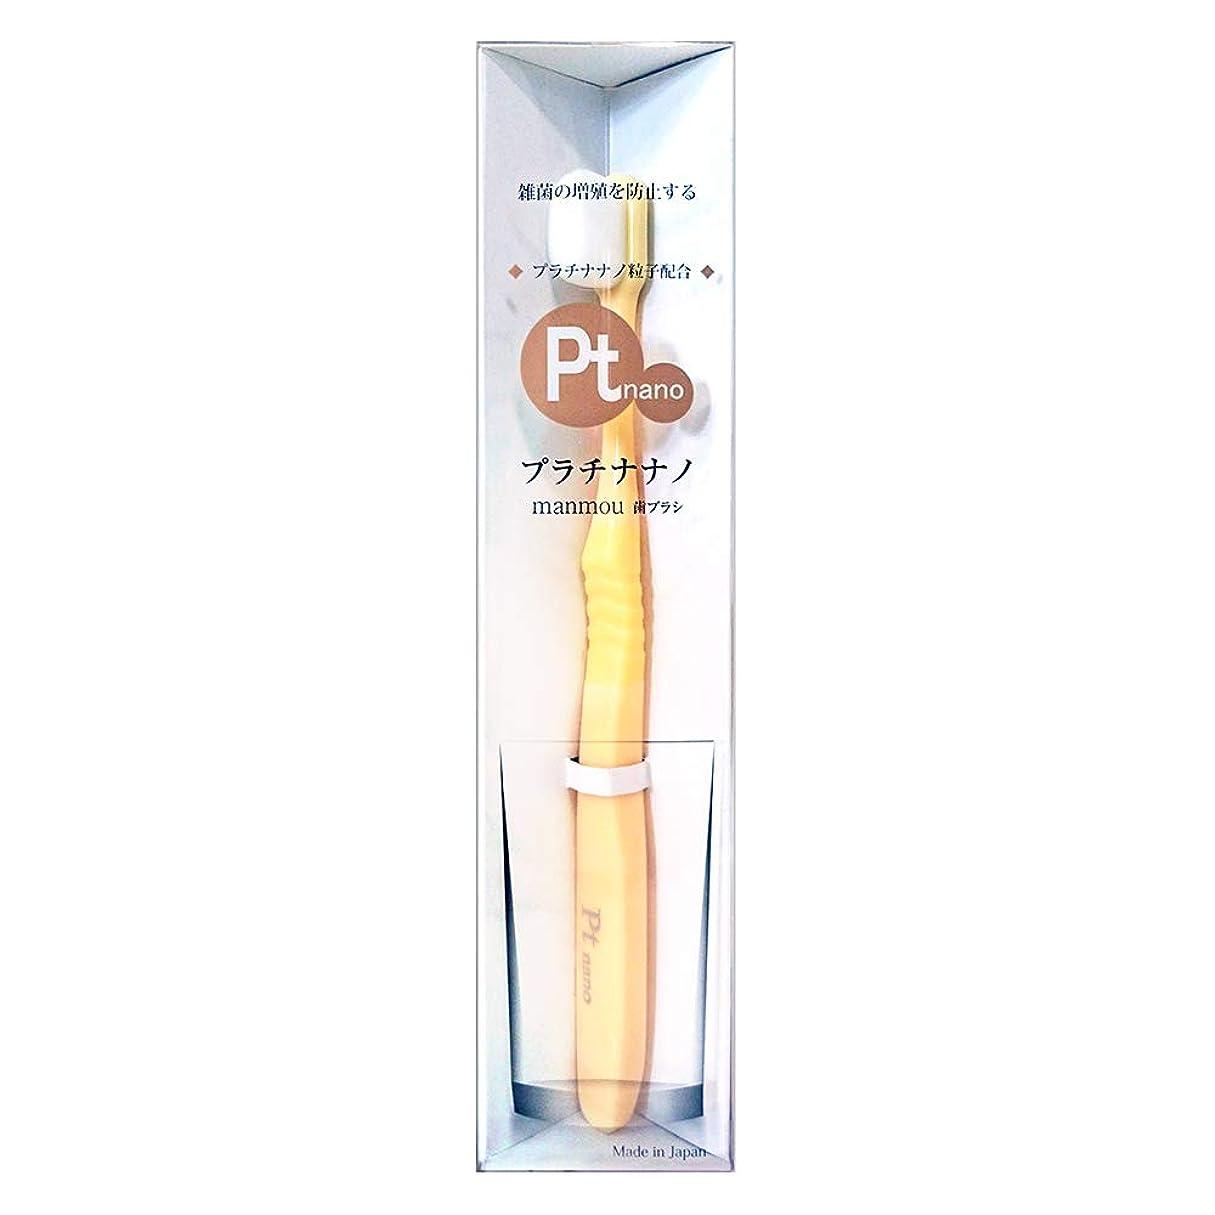 退屈なつぼみピンポイントPt nano マンモウ歯ブラシ (アイボリー)